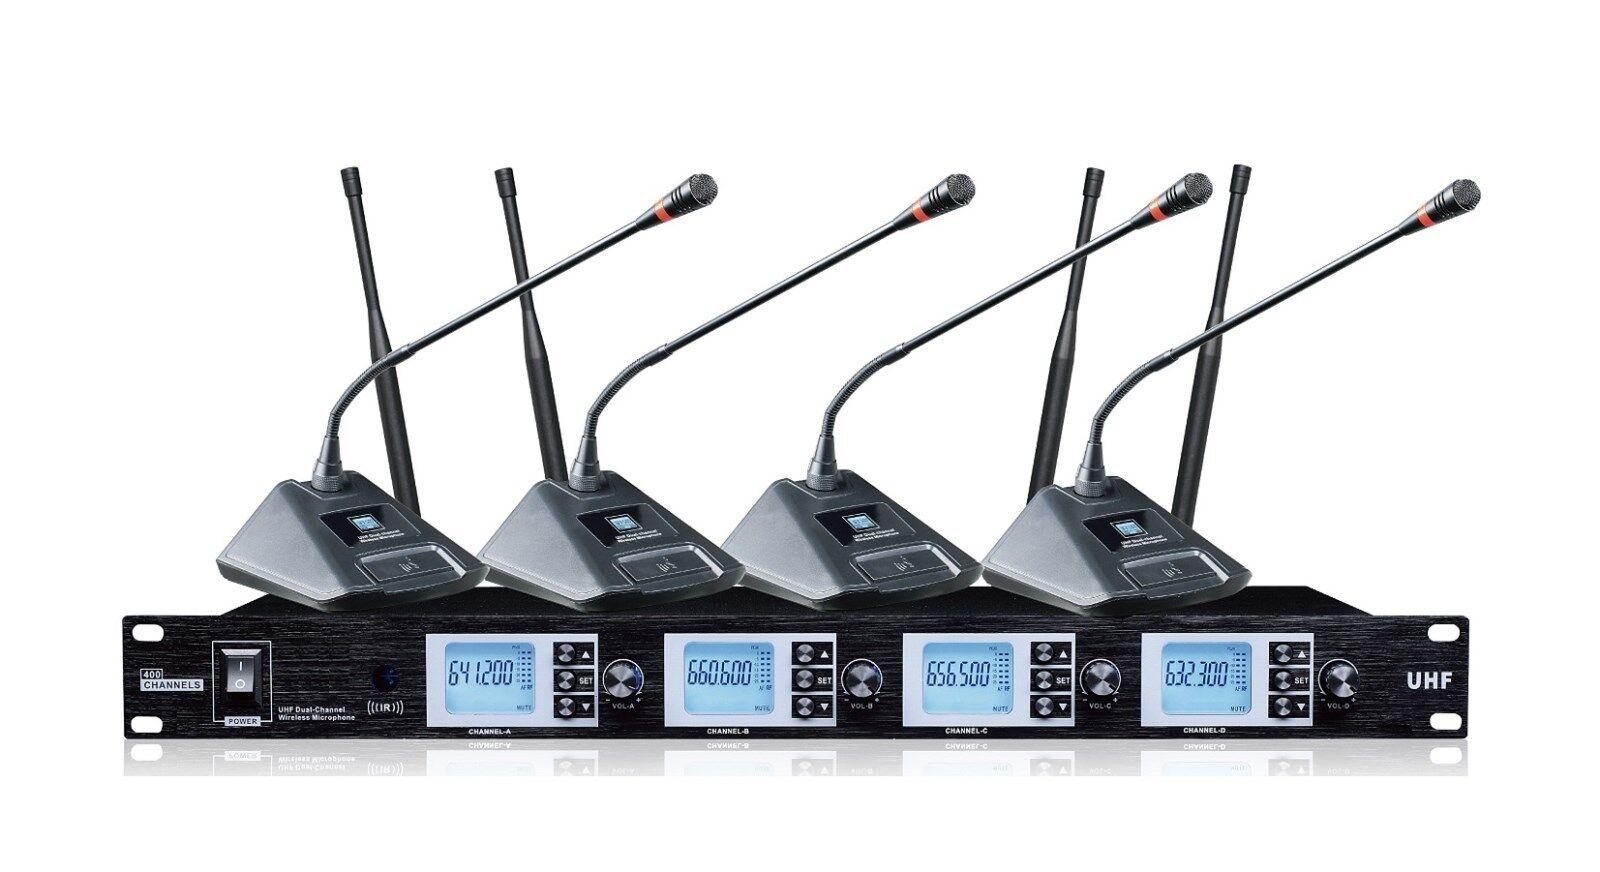 Conferencia Inalámbrico Uhf 4X100 canales lecturn reunión micrófono de de de cuello de cisne  Las ventas en línea ahorran un 70%.